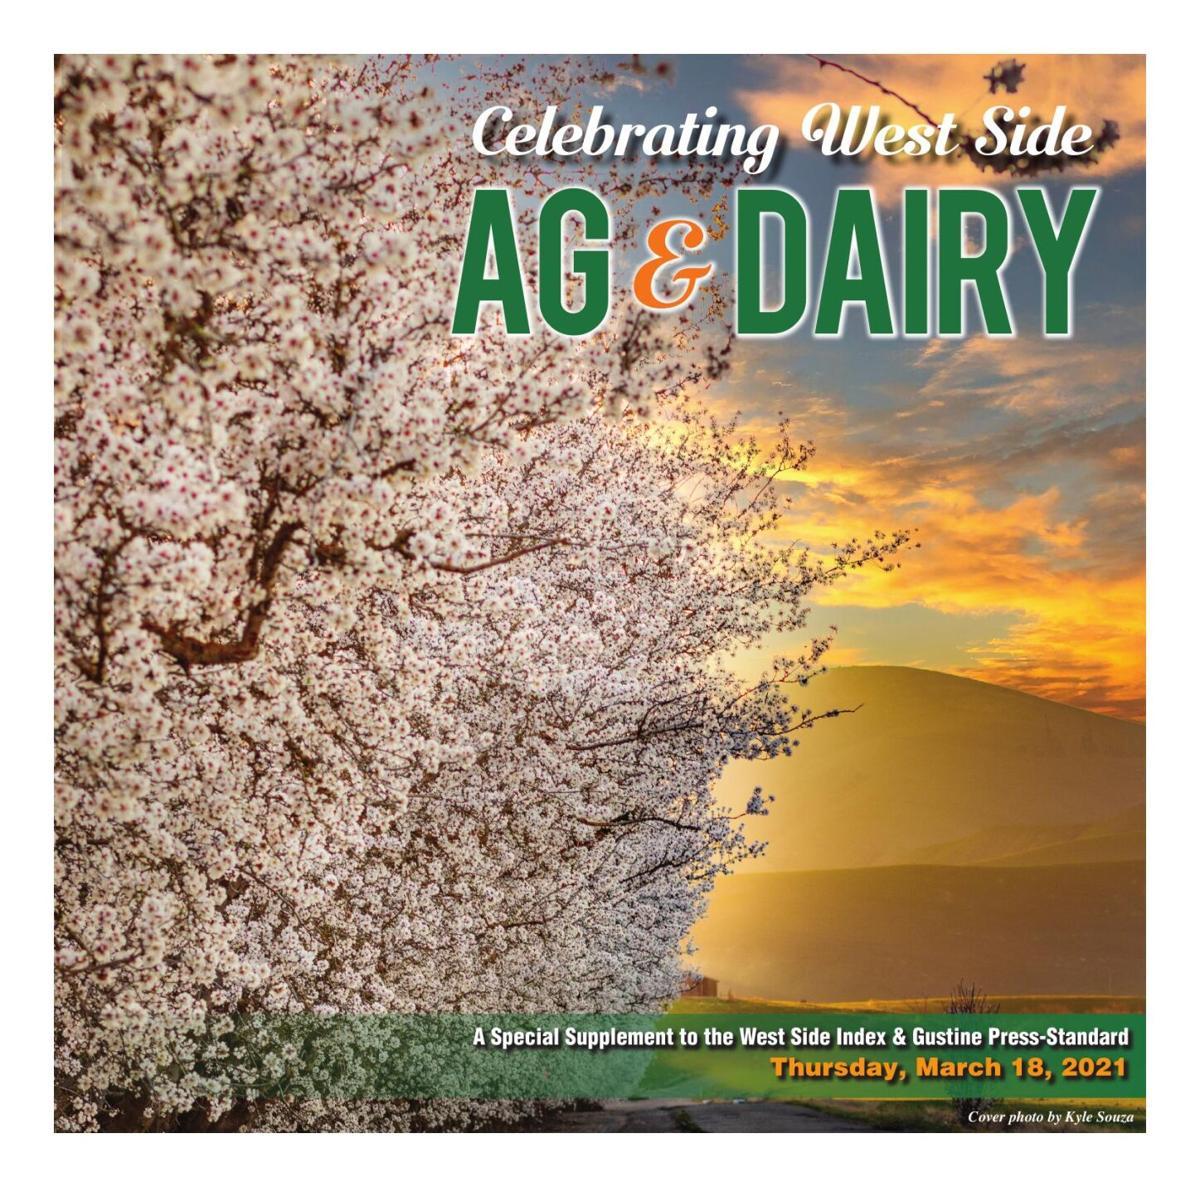 Celebrating West Side Ag & Dairy 2021